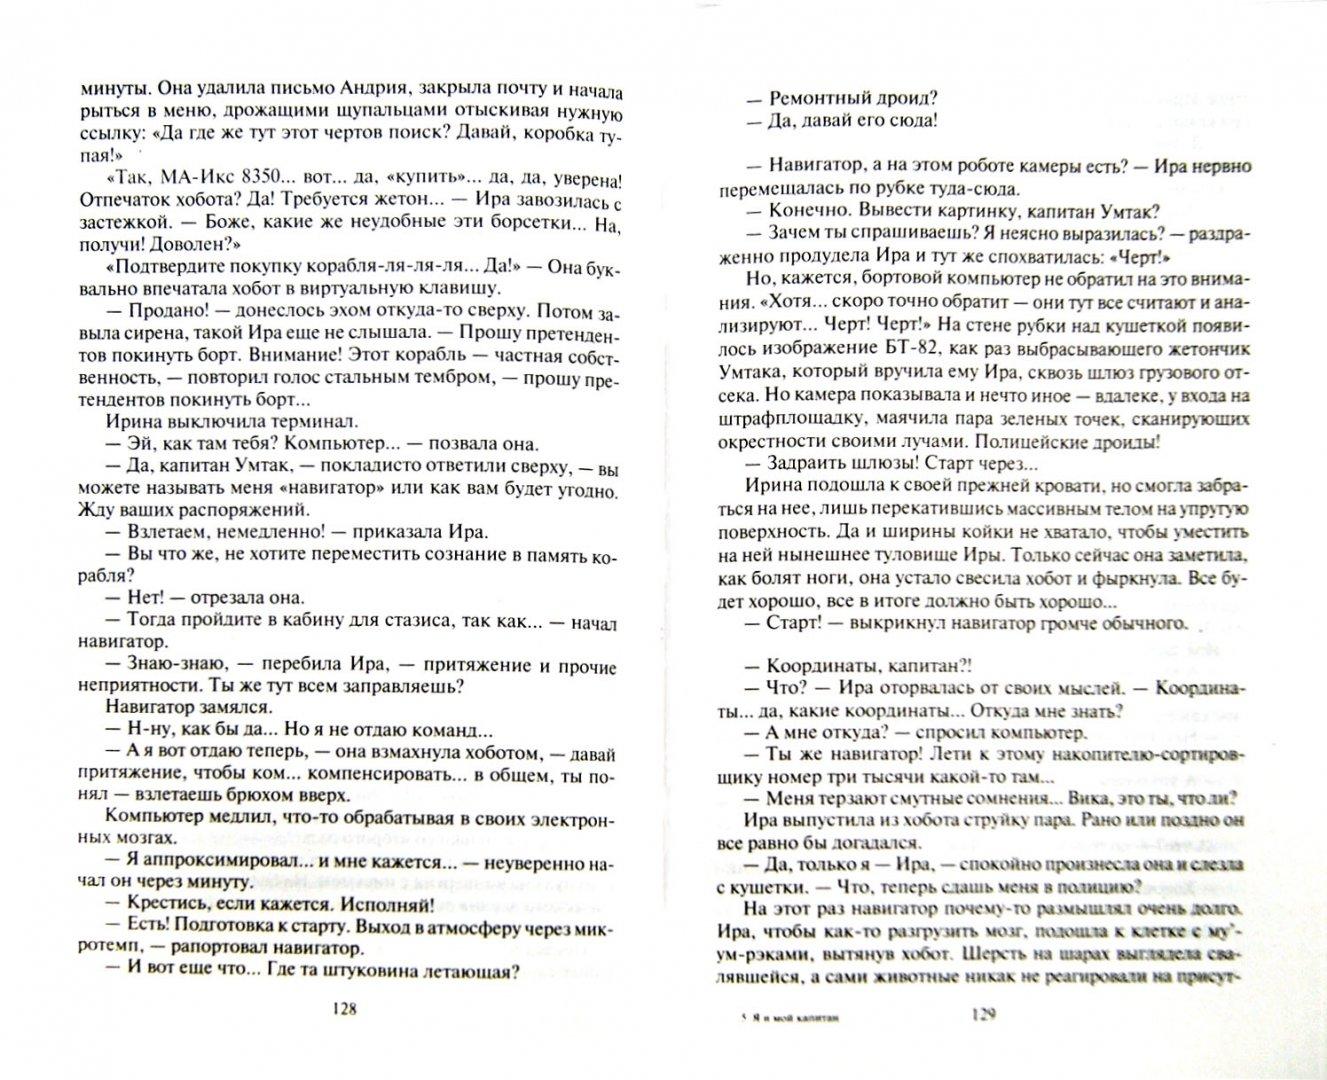 Иллюстрация 1 из 32 для Я и мой капитан - Артем Морозов | Лабиринт - книги. Источник: Лабиринт